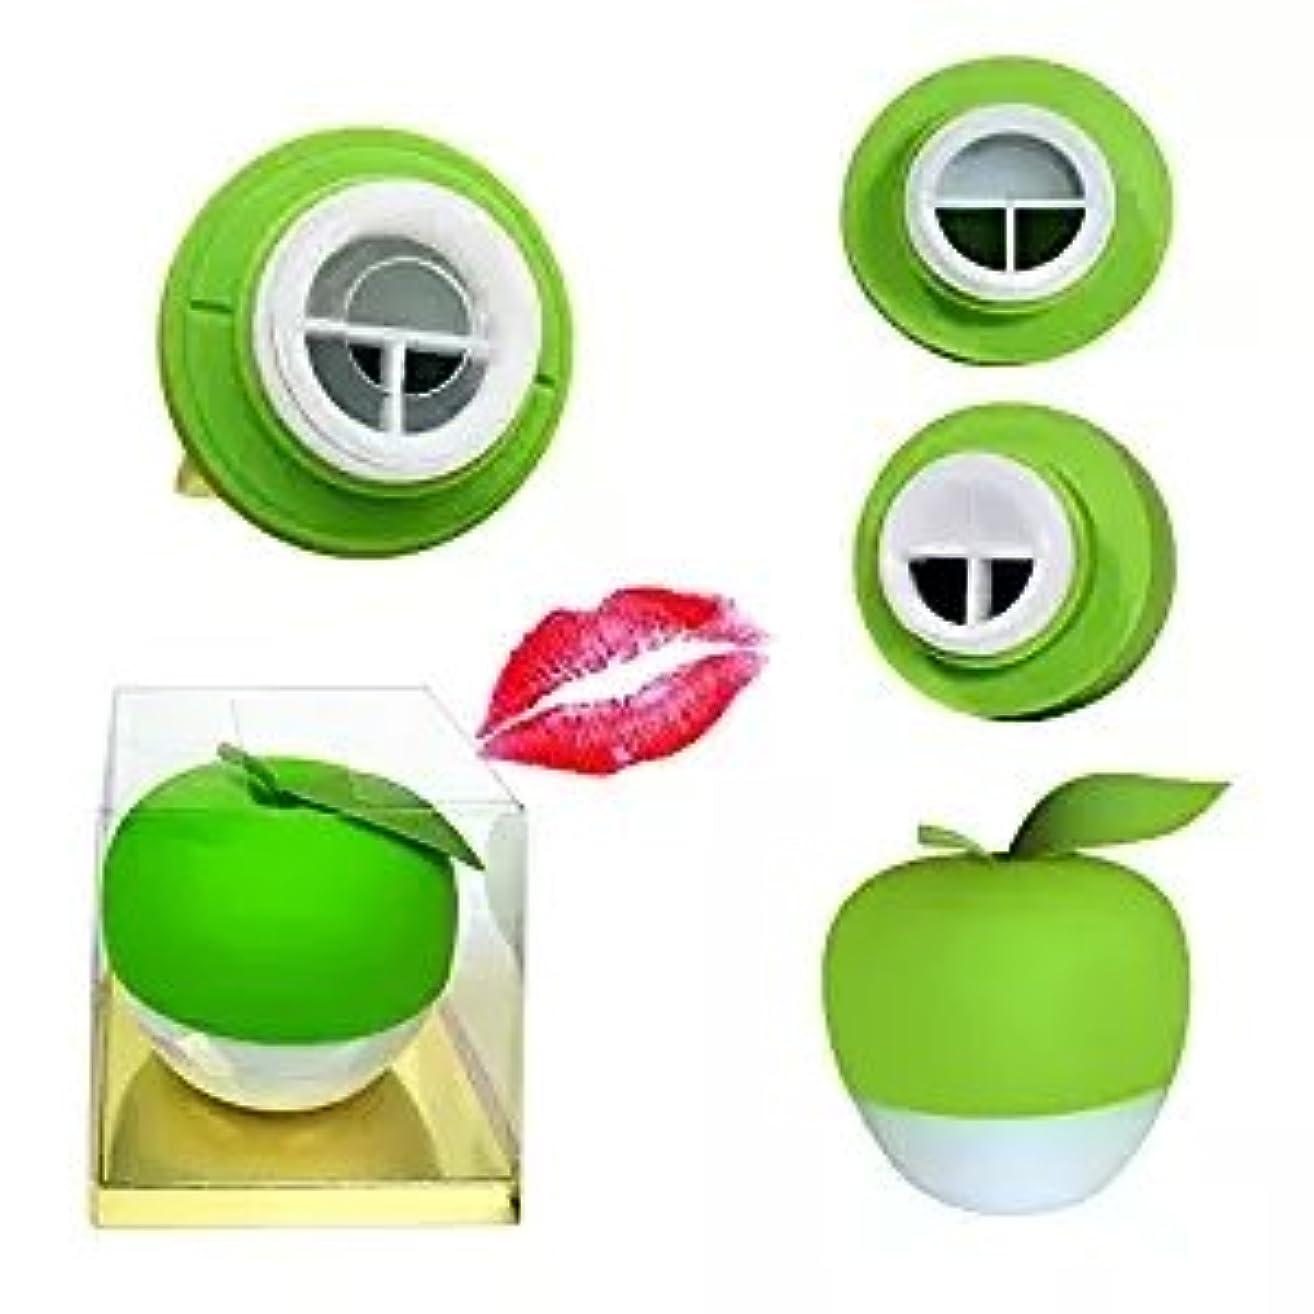 ガード鍔分解するYartar リップエンハンサー セクシーリップス  シリコン製 コンパクト ピンク Lip Plumper (グリーン)